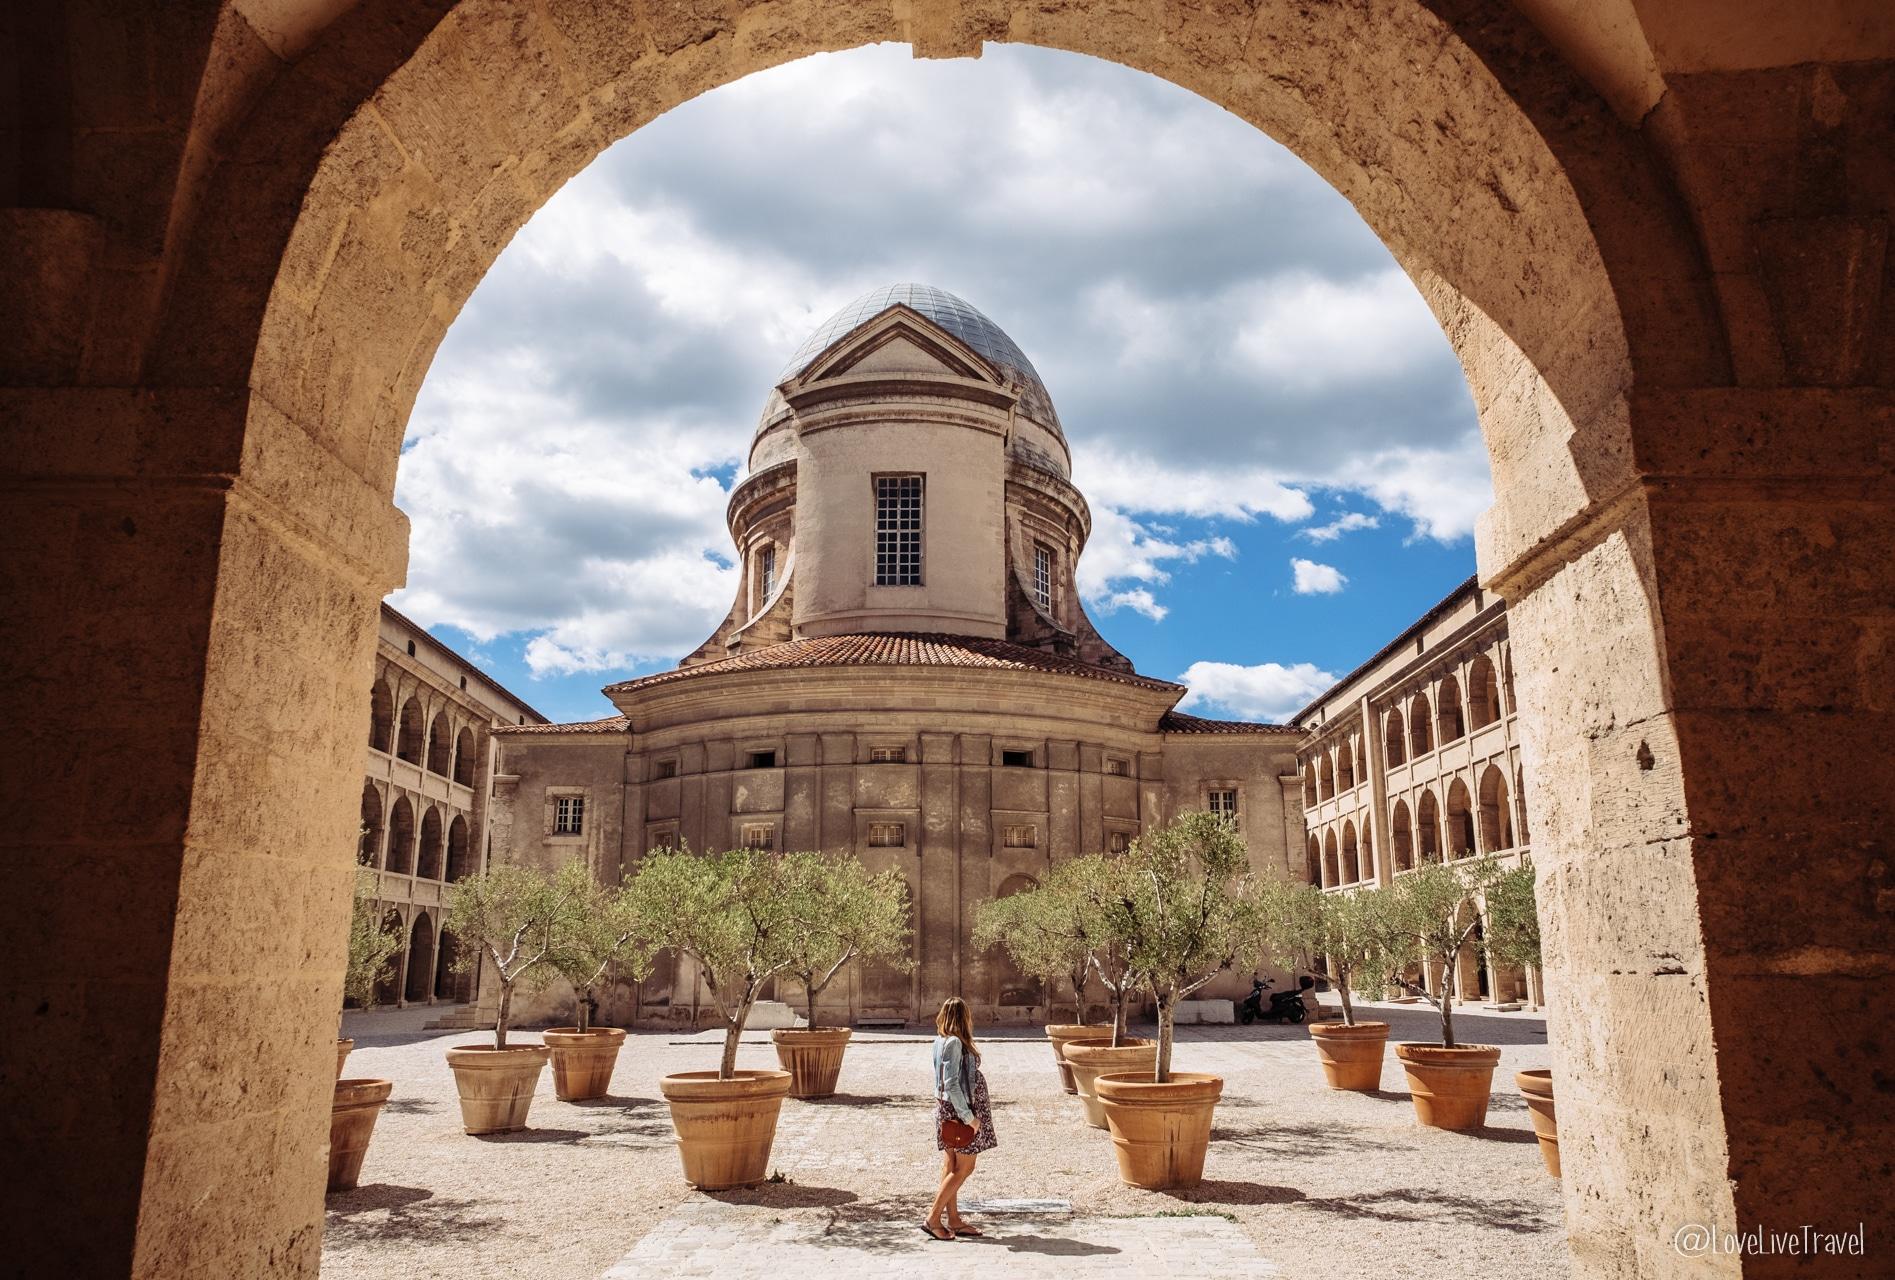 Marseille vieille charité panier france blog voyage lovelivetravel